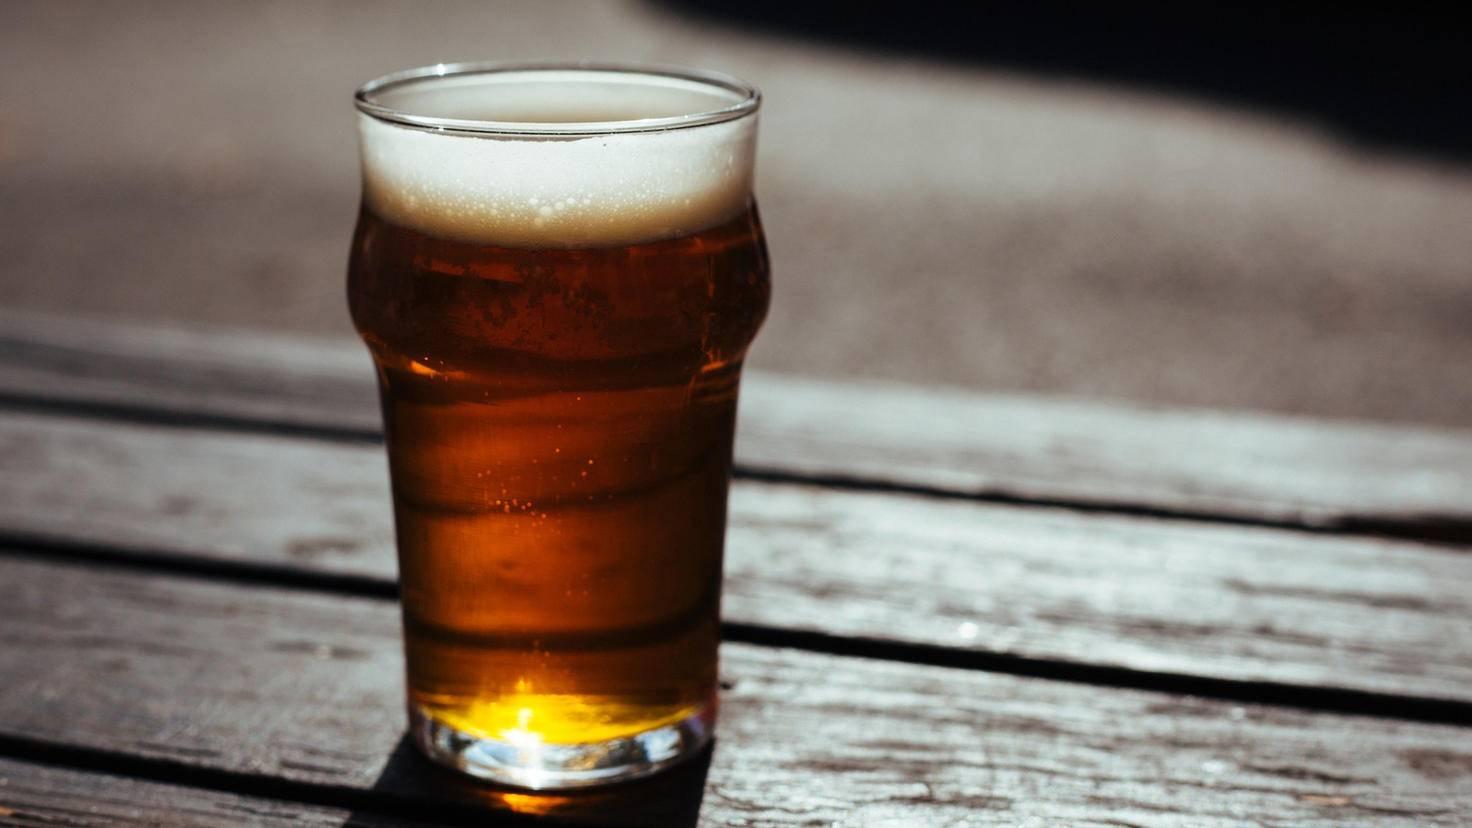 Selbst Bier ist vor tierischen Inhaltsstoffen nicht gefeit.